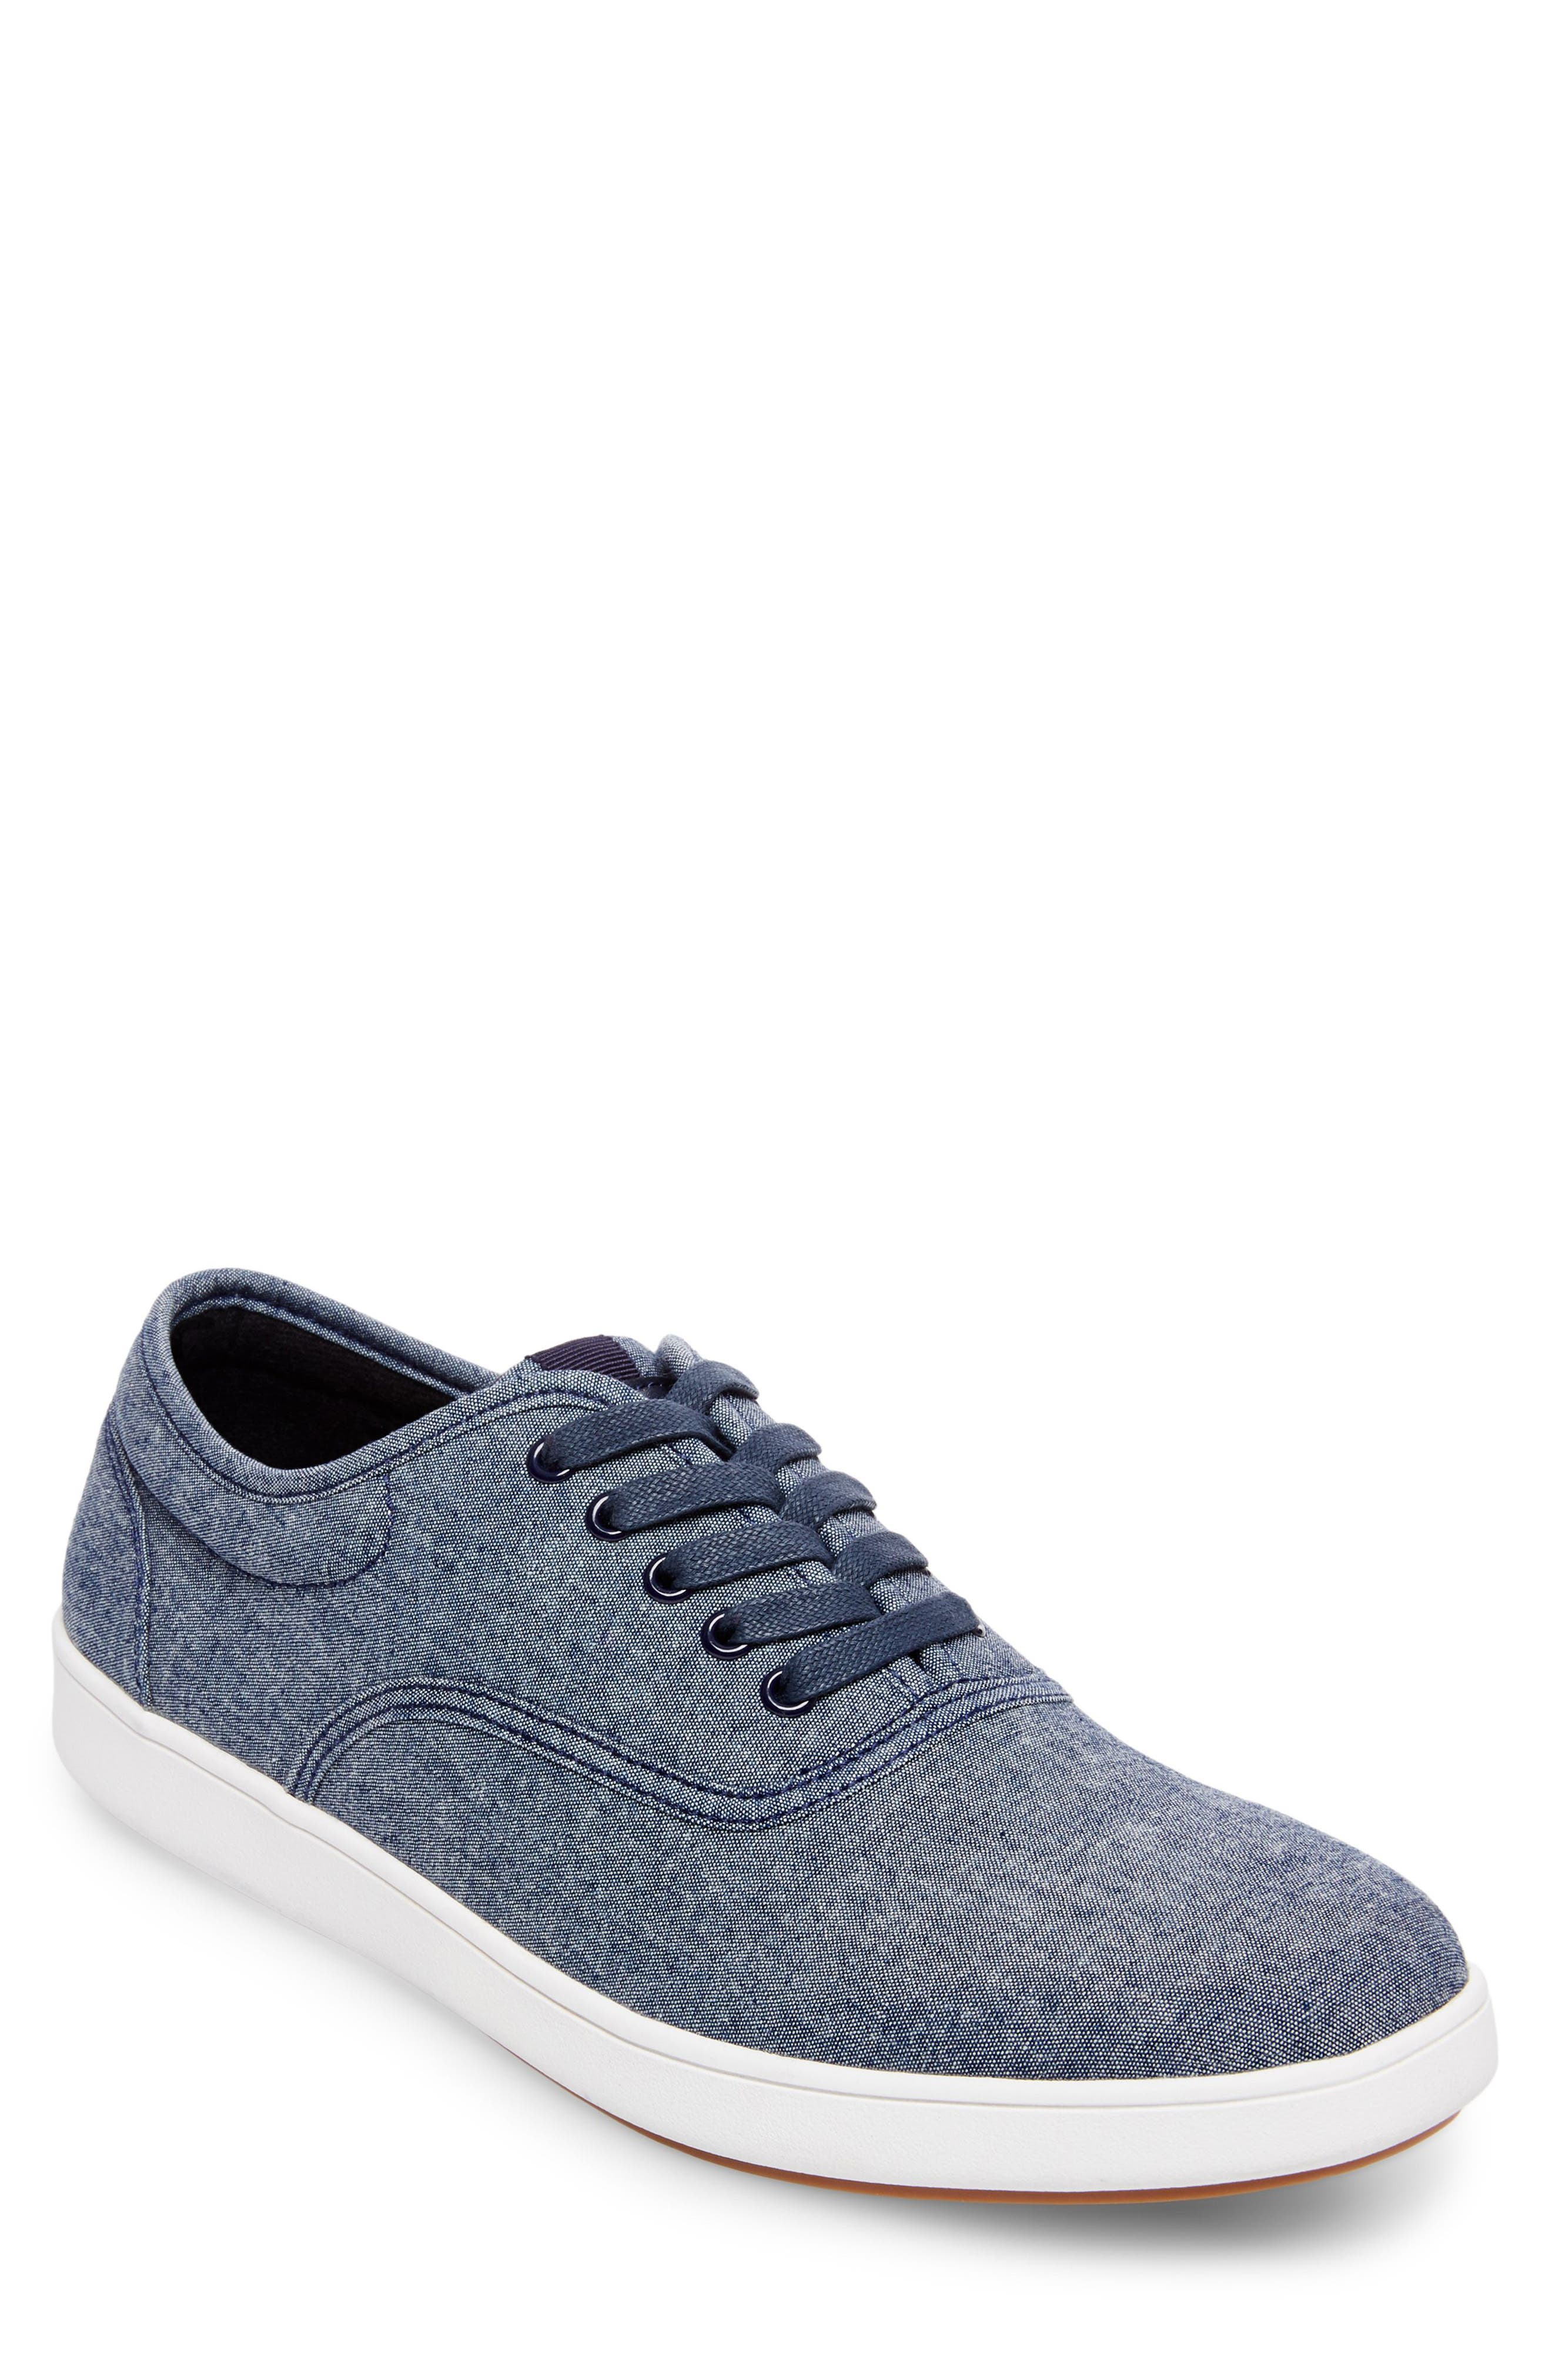 Steve Madden Franco Sneaker (Men)